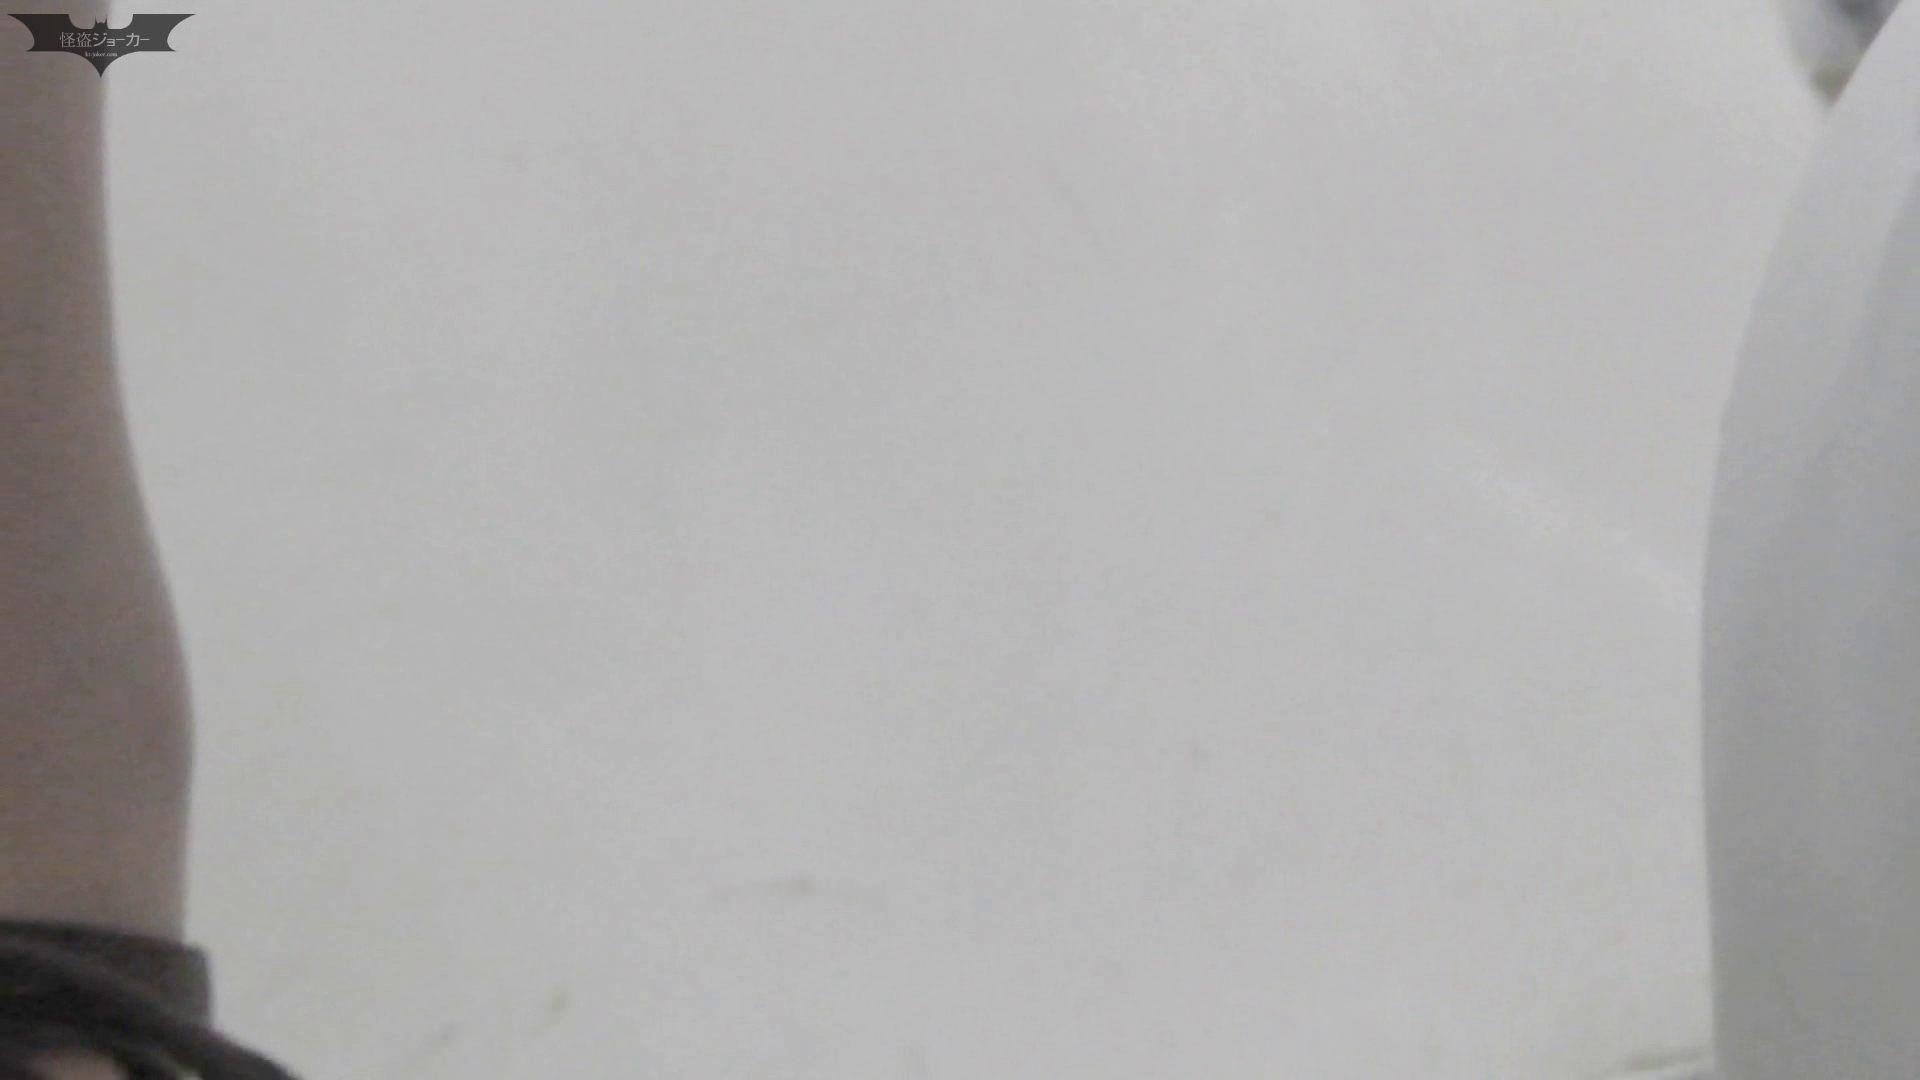 洗面所特攻隊vol.63 慌てる。「46」で登場した子【2015・20位】 OL   洗面所着替え  50連発 40